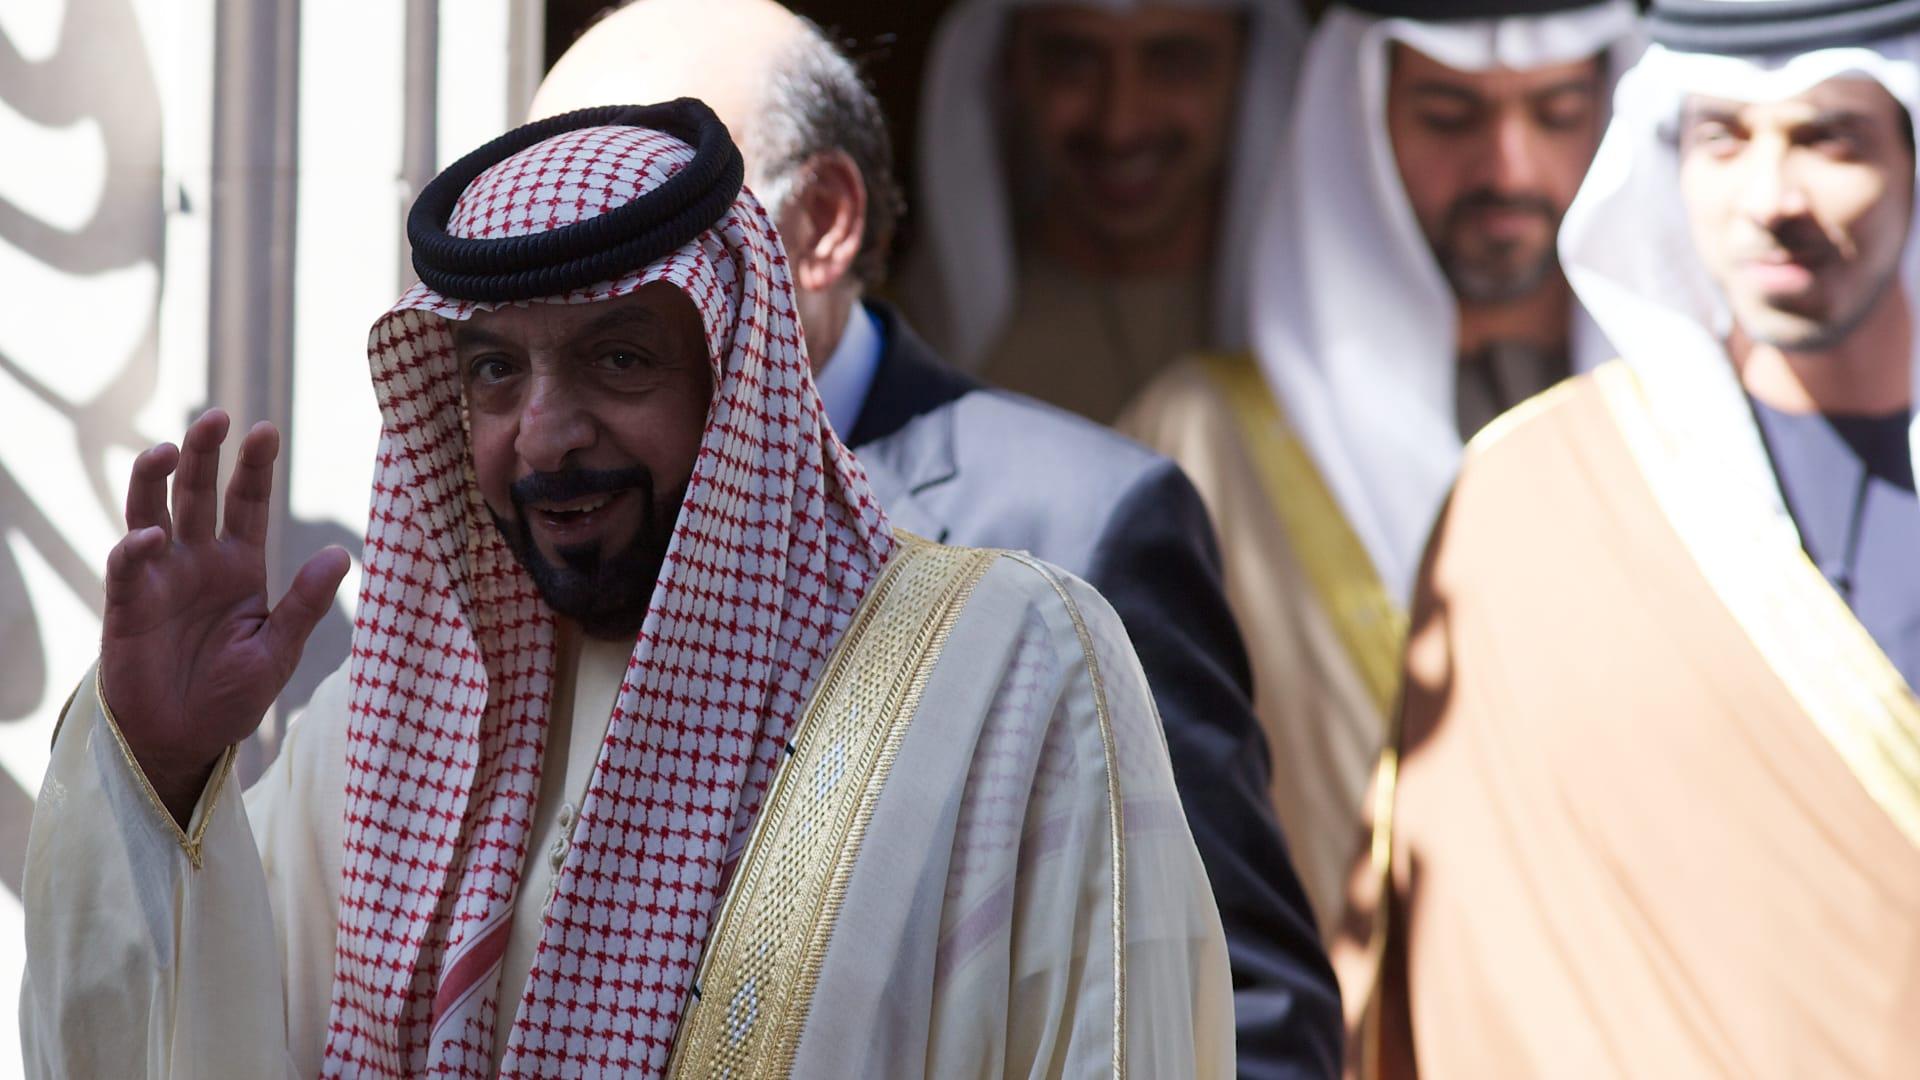 الإمارات تعدل قانون مكافحة جرائم تقنية المعلومات.. تفاصيل العقوبات